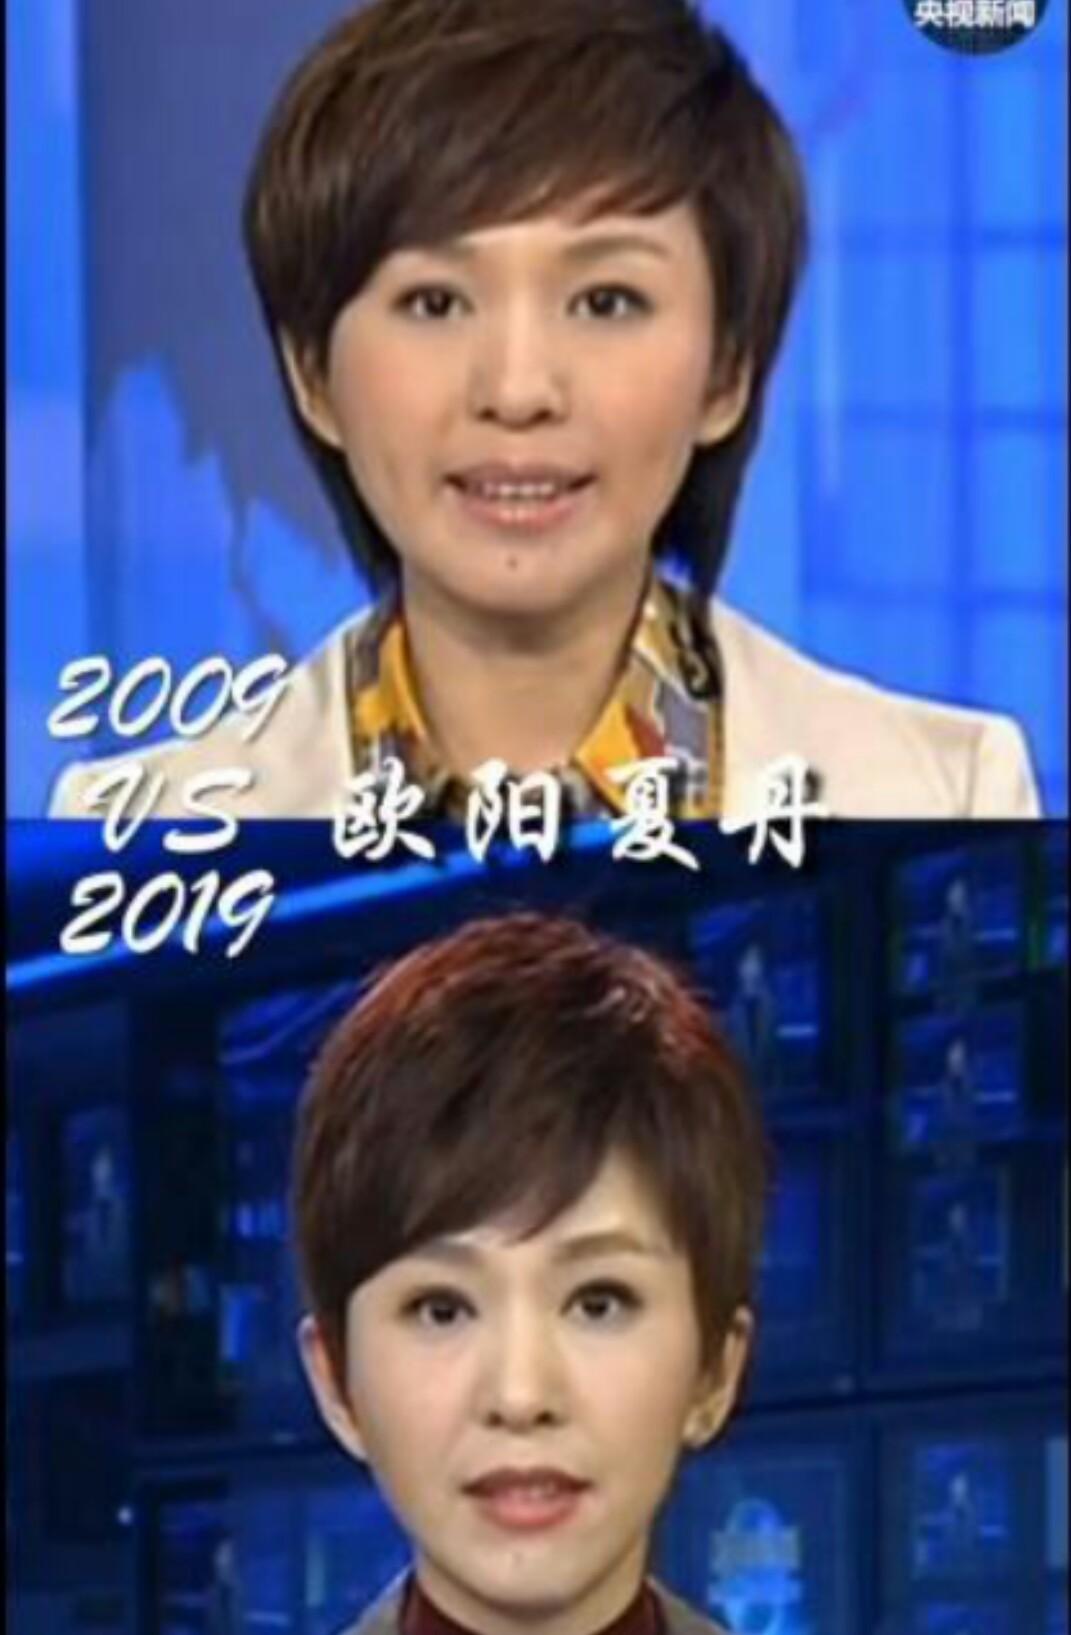 央视主播也玩起十年对比,10年过去白岩松满头白发,心疼!